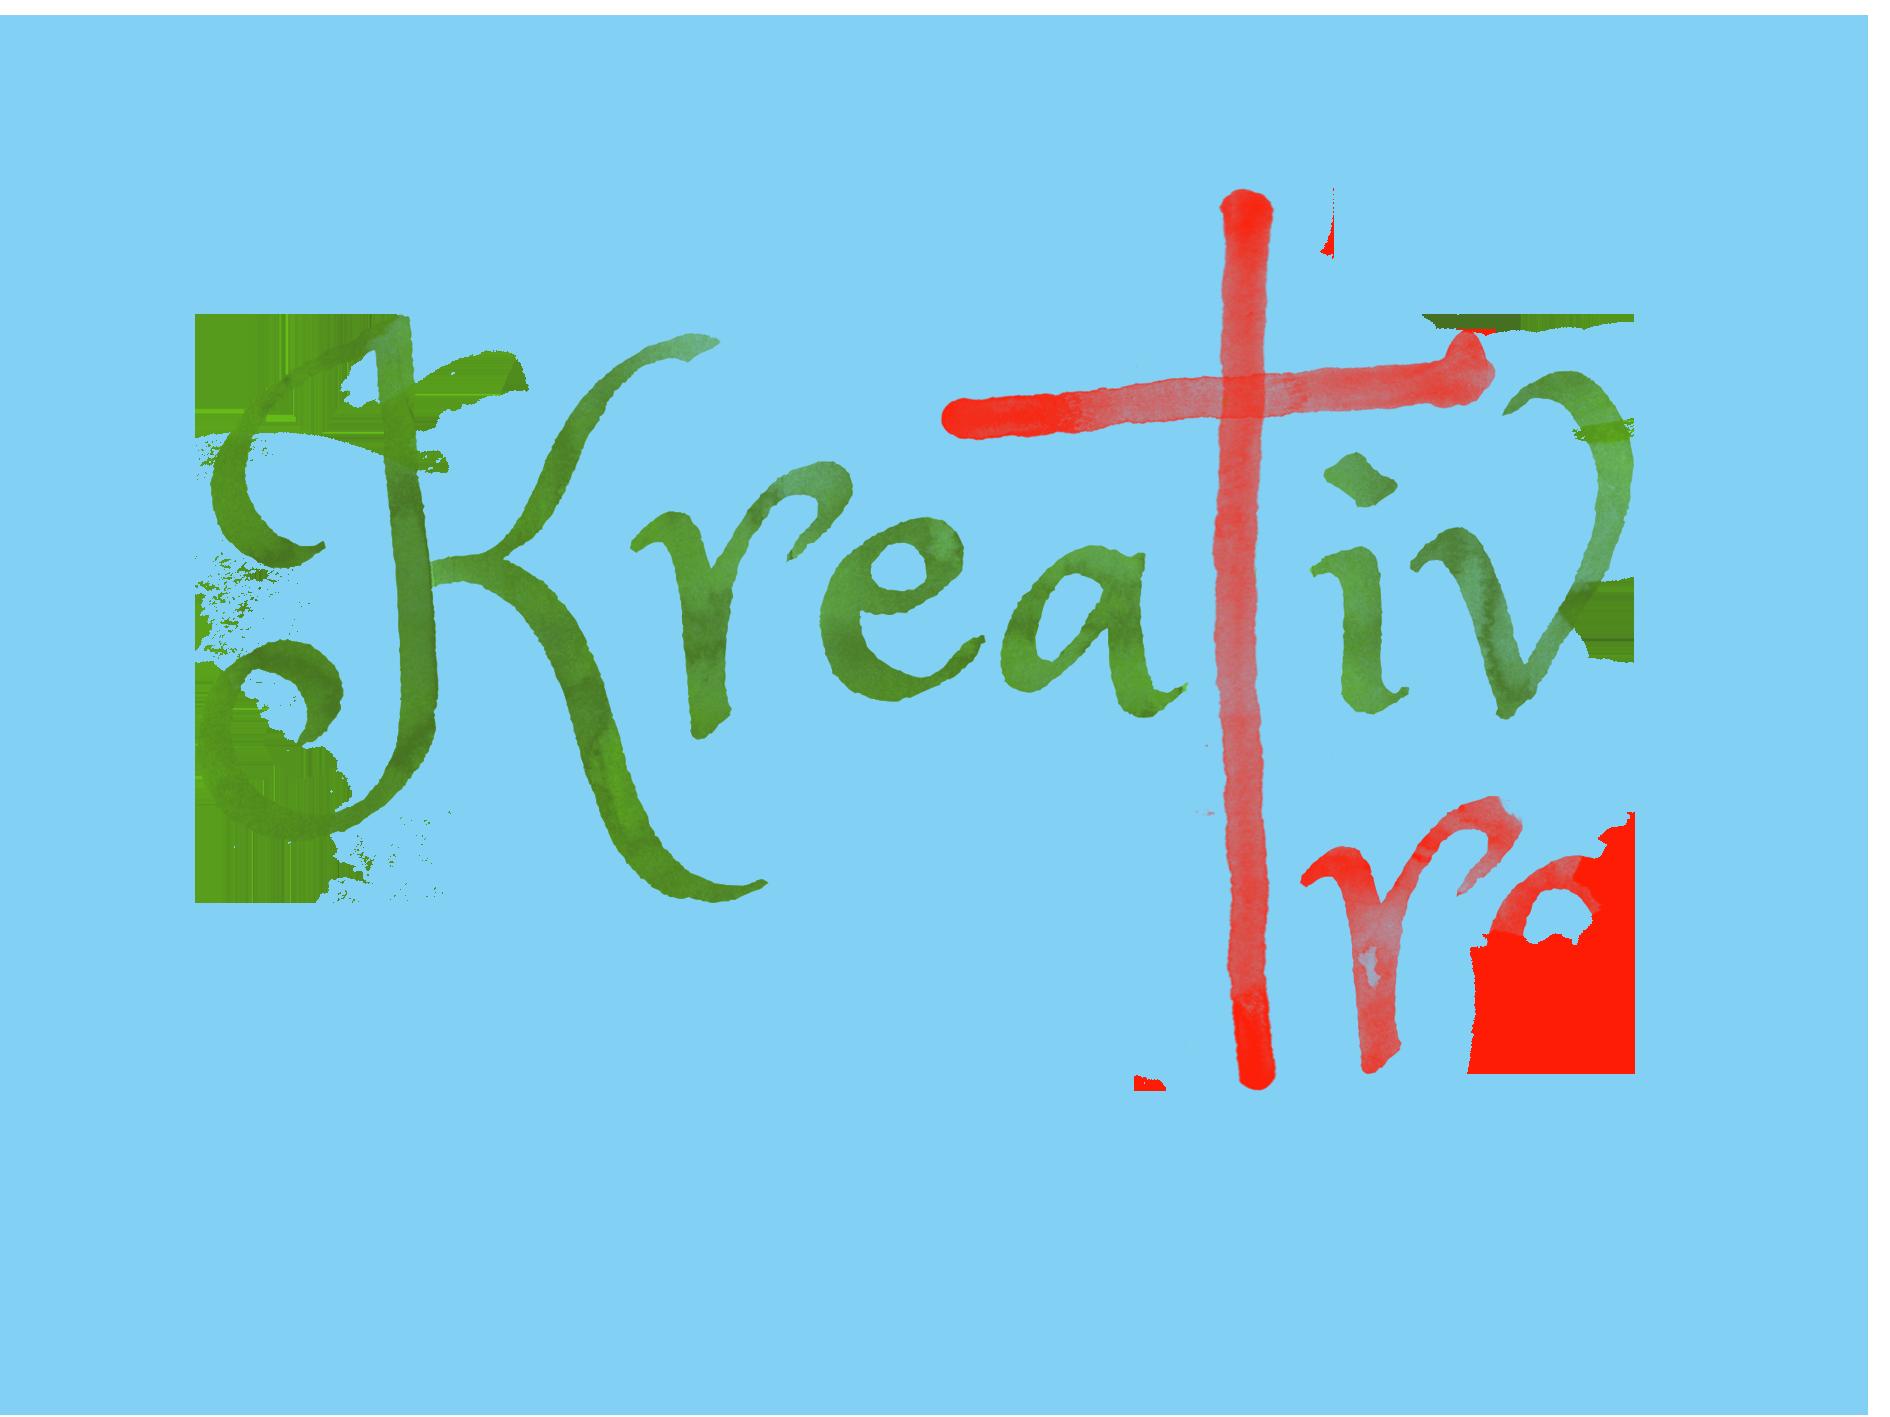 Vad är Kreativ Tro?